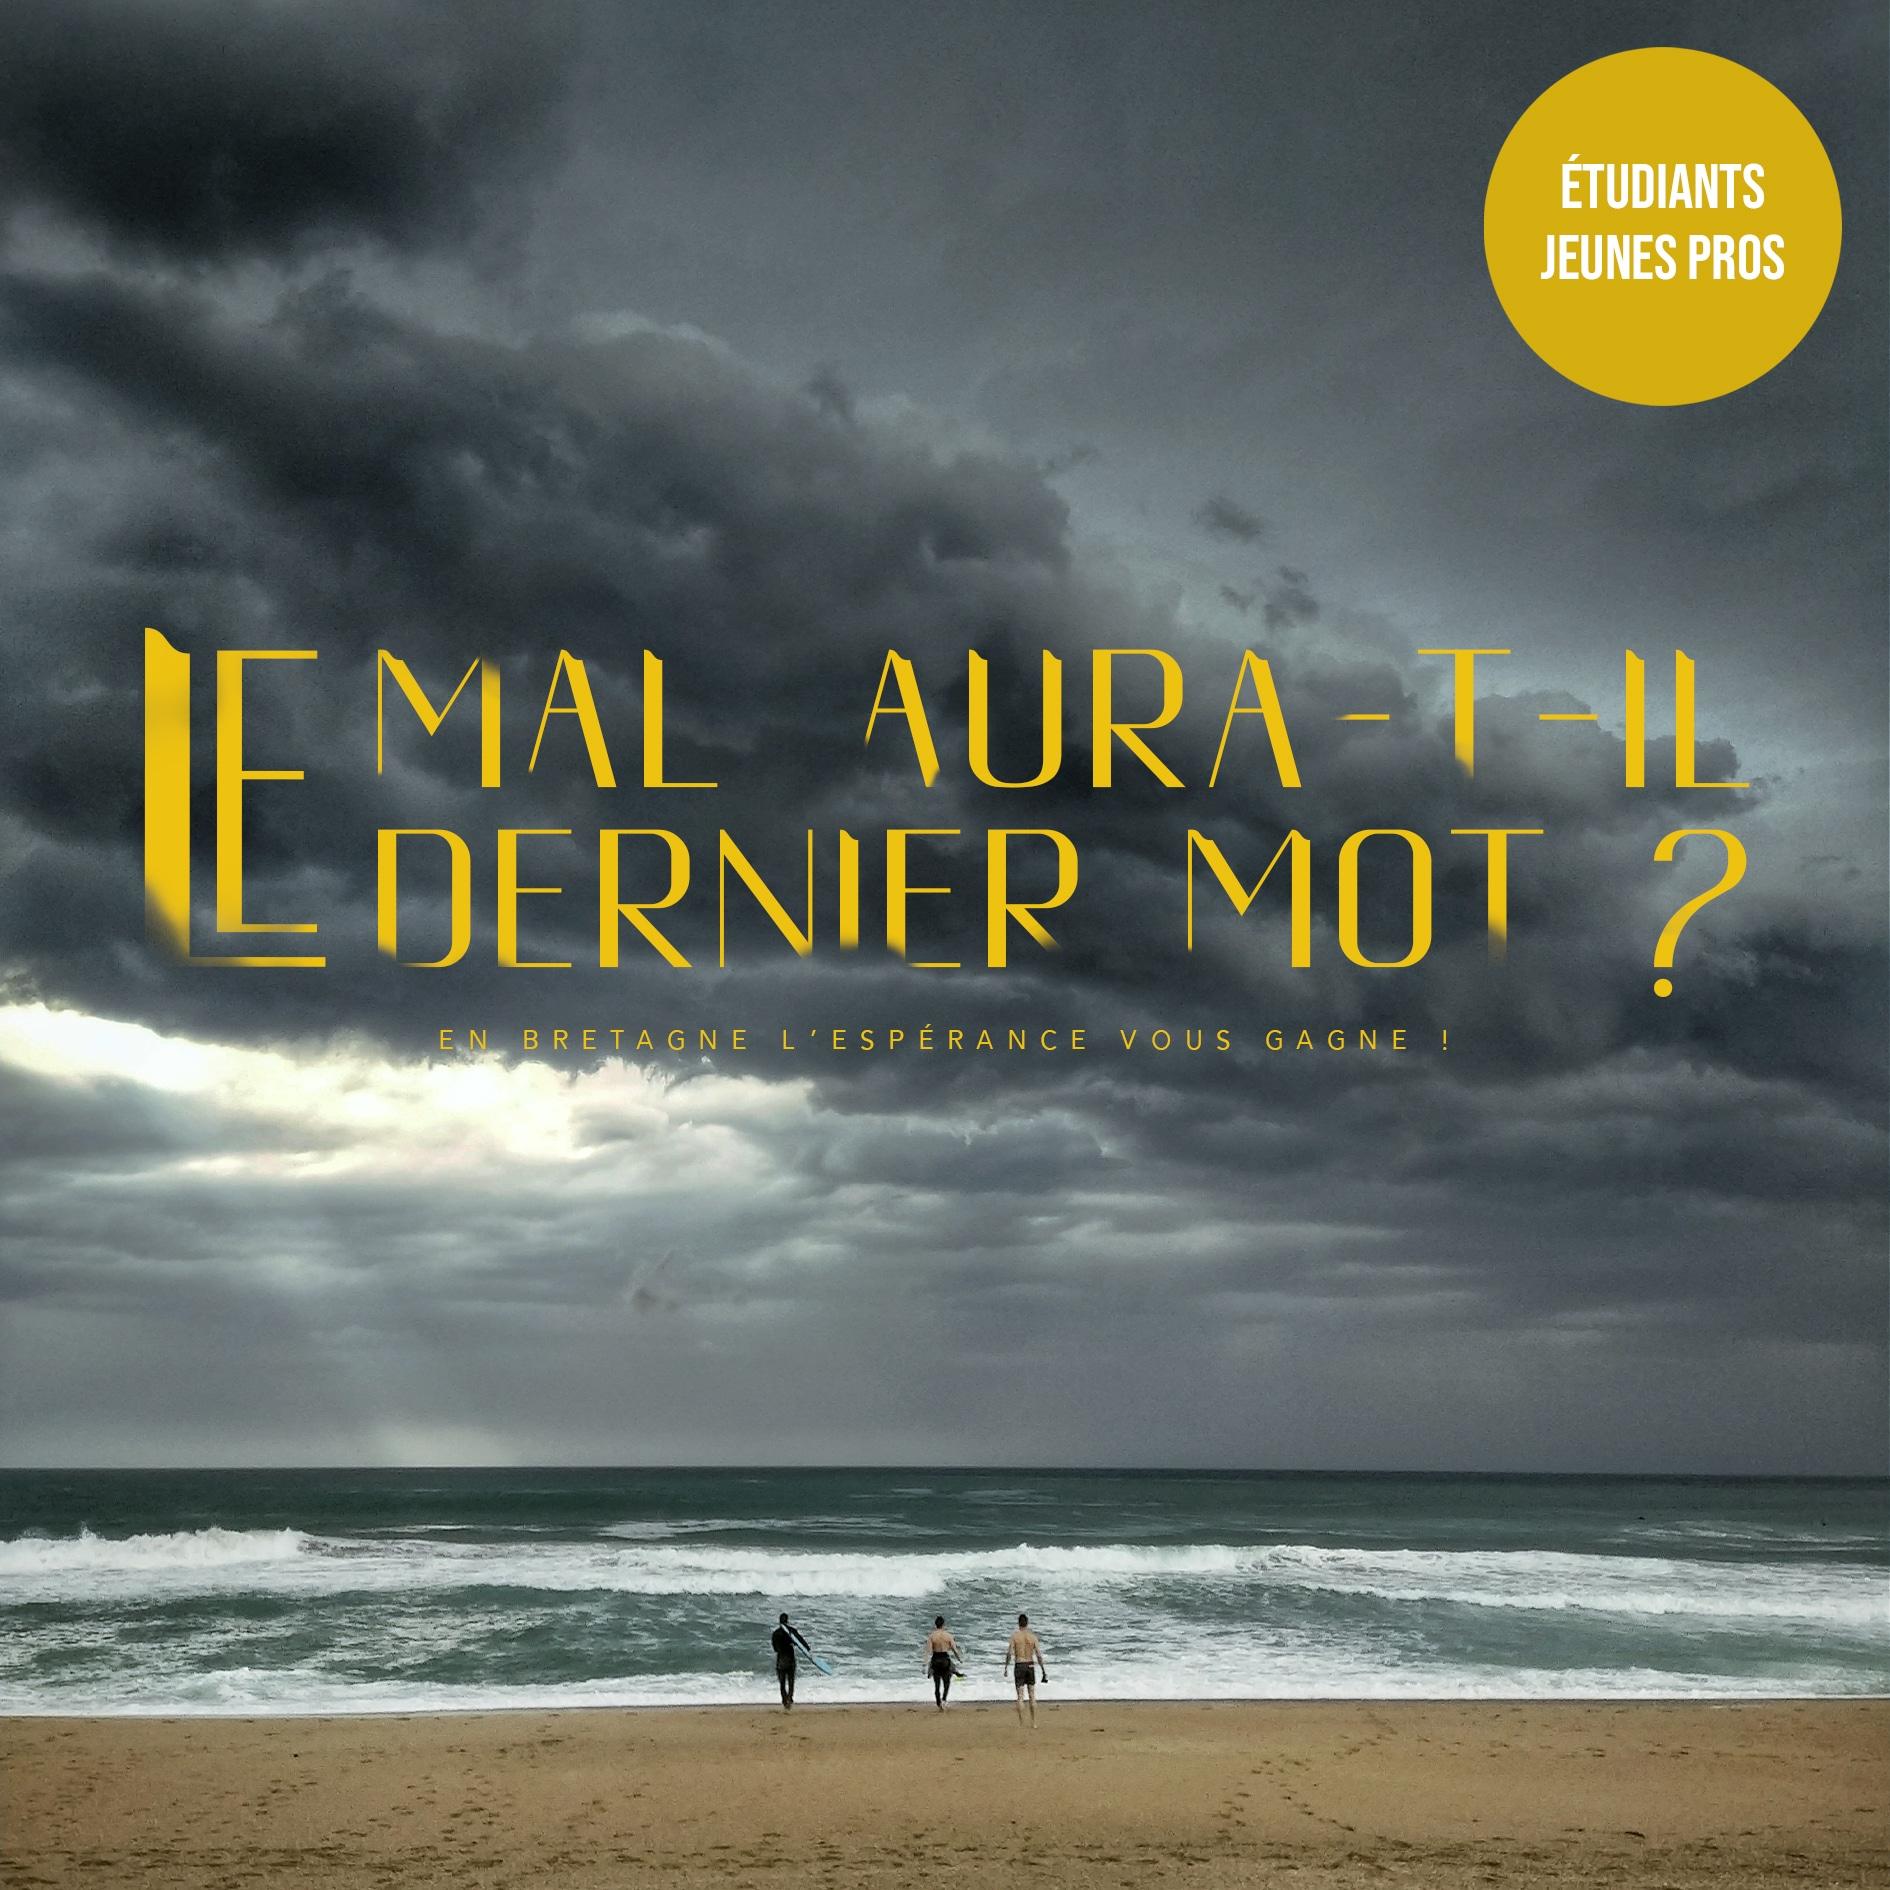 LE MAL AURA-T-IL LE DERNIER MOT ?